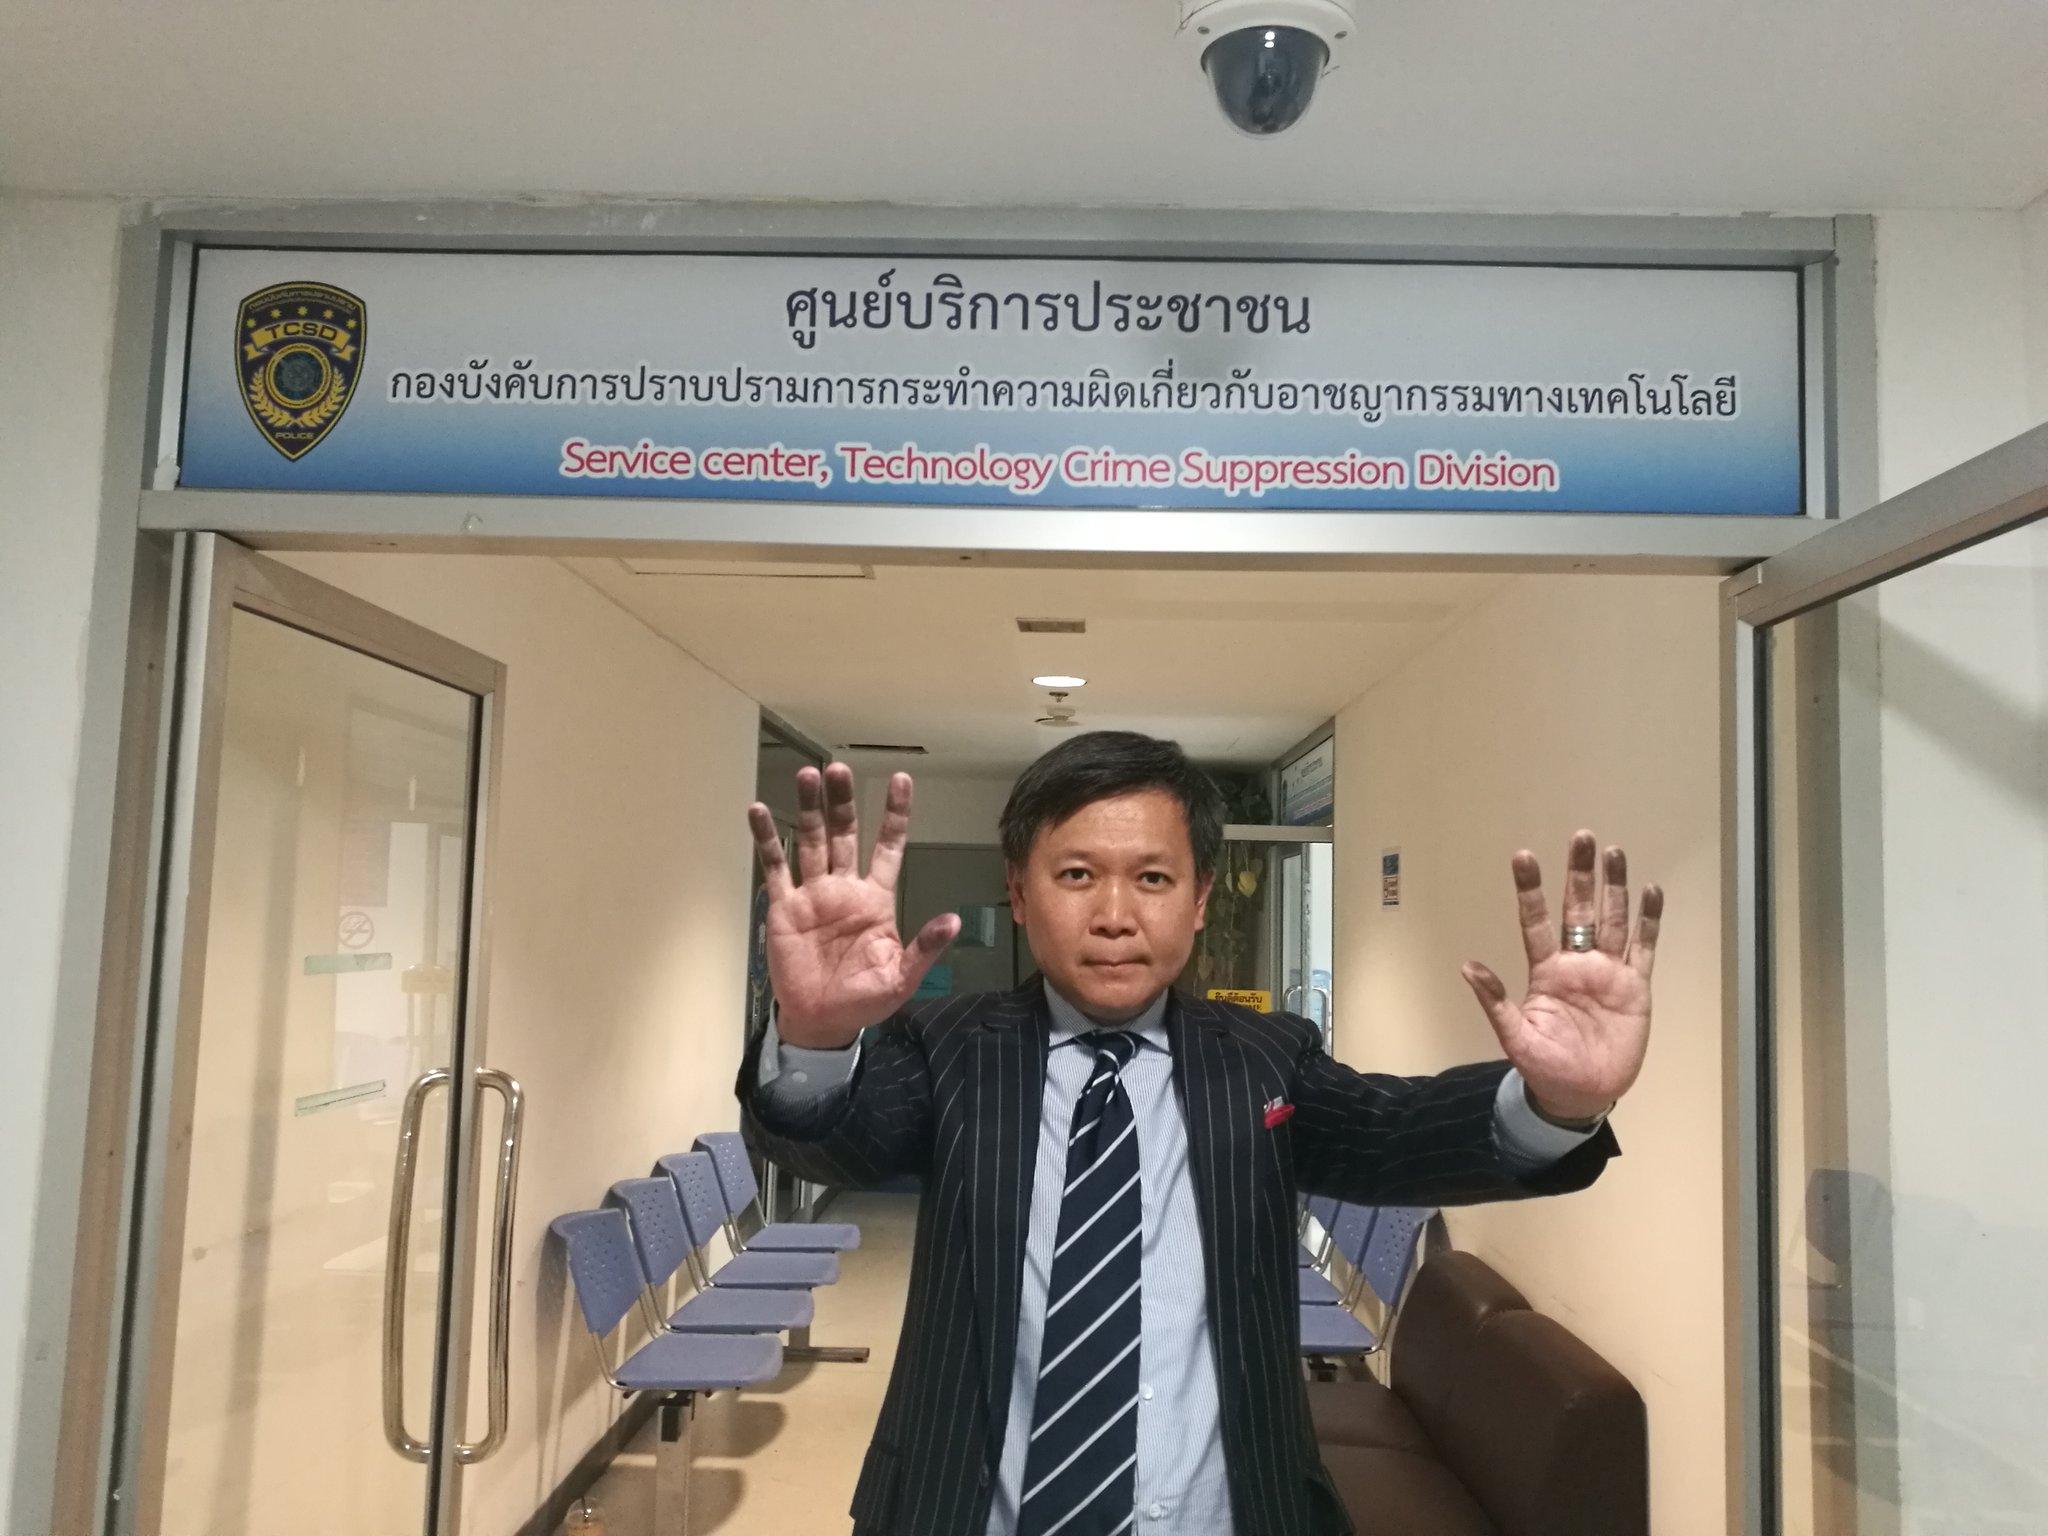 controllare il cyberspazio thai